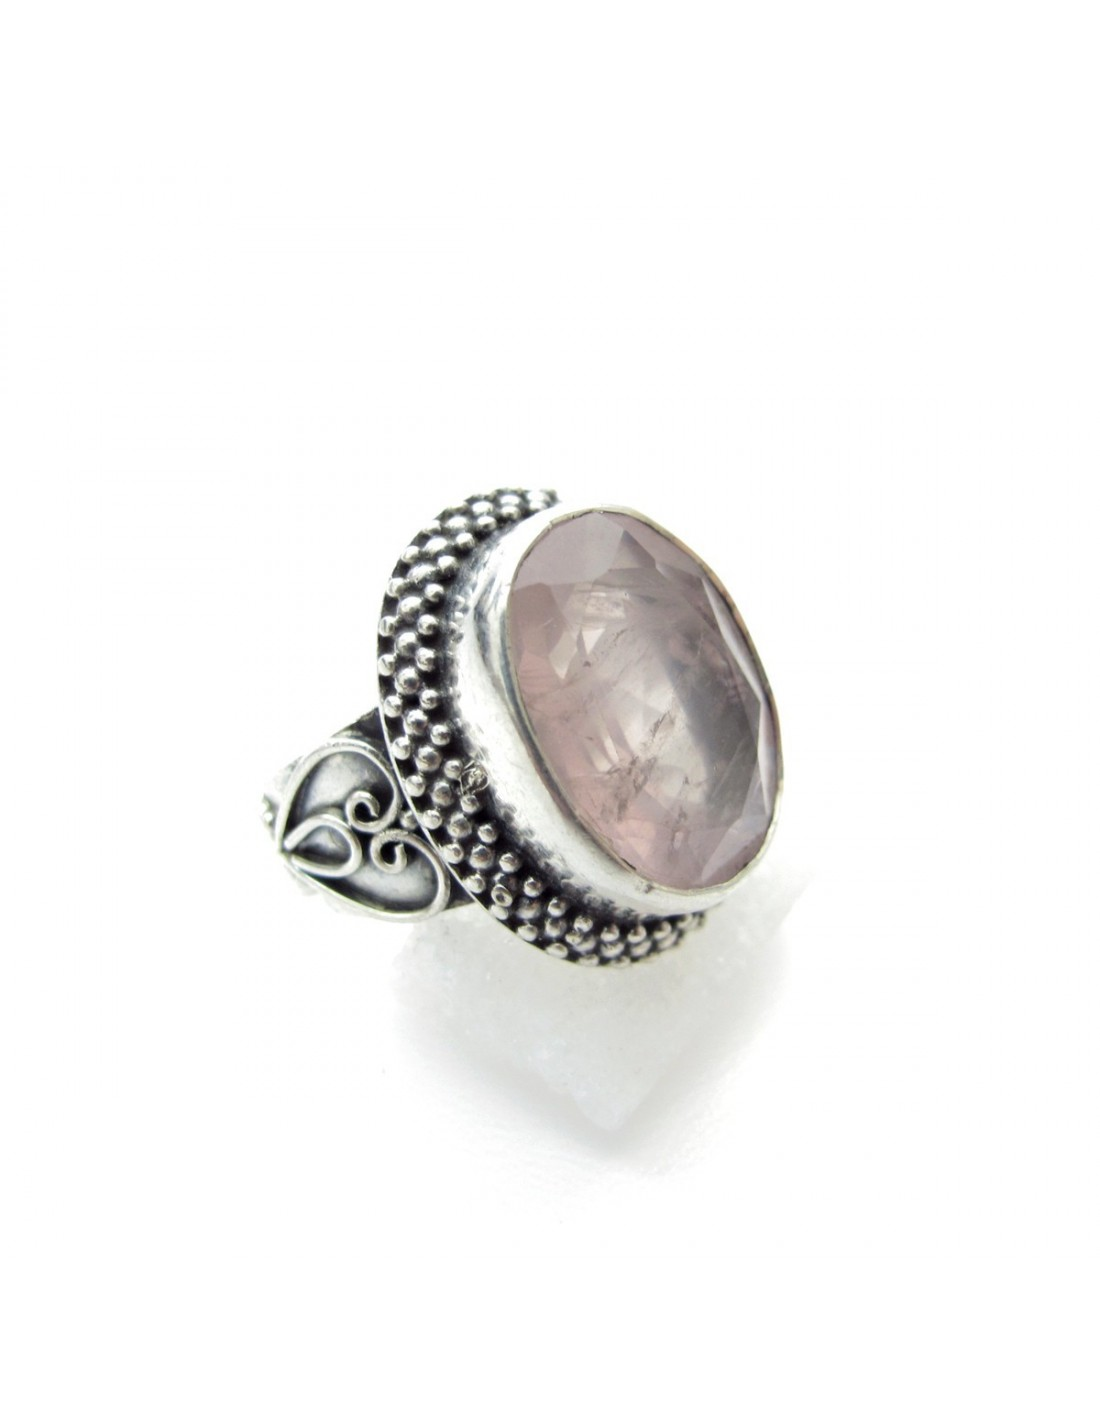 bague argent cisel e et quartz rose taill bijoux argent taille 52. Black Bedroom Furniture Sets. Home Design Ideas